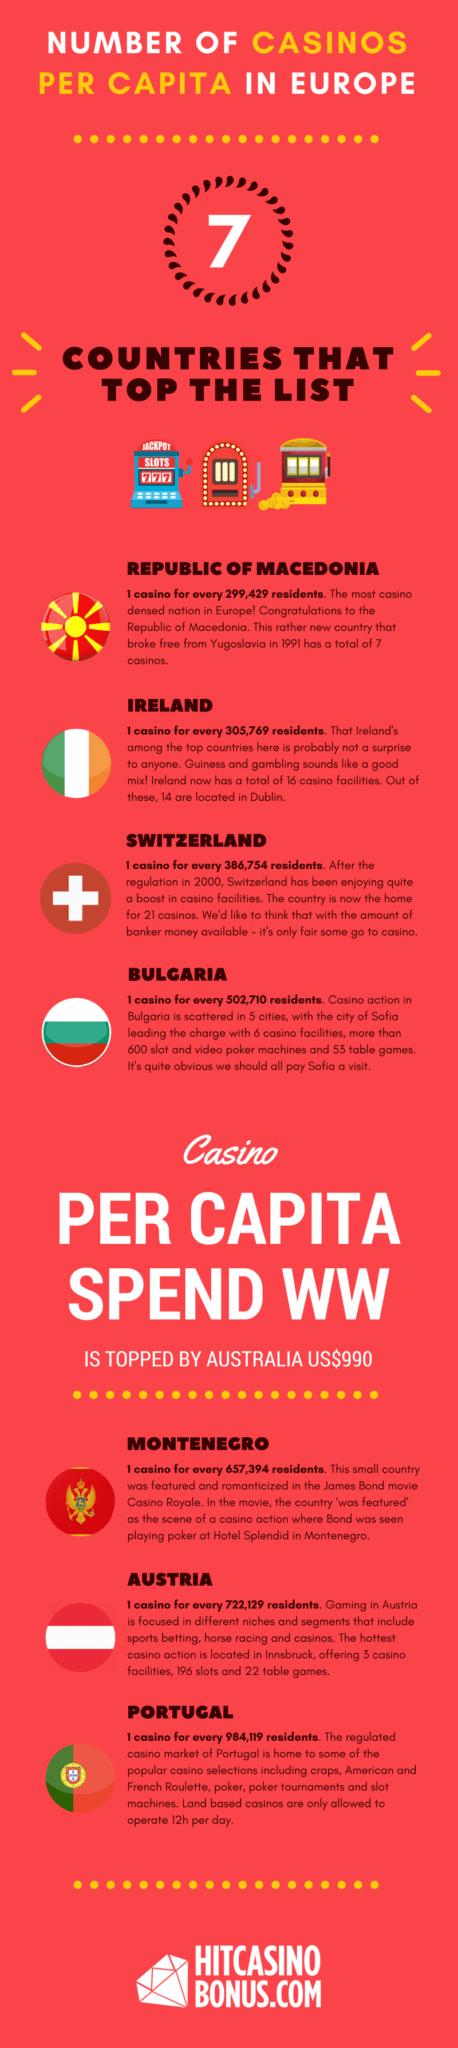 Number of Casinos per capita in Europe